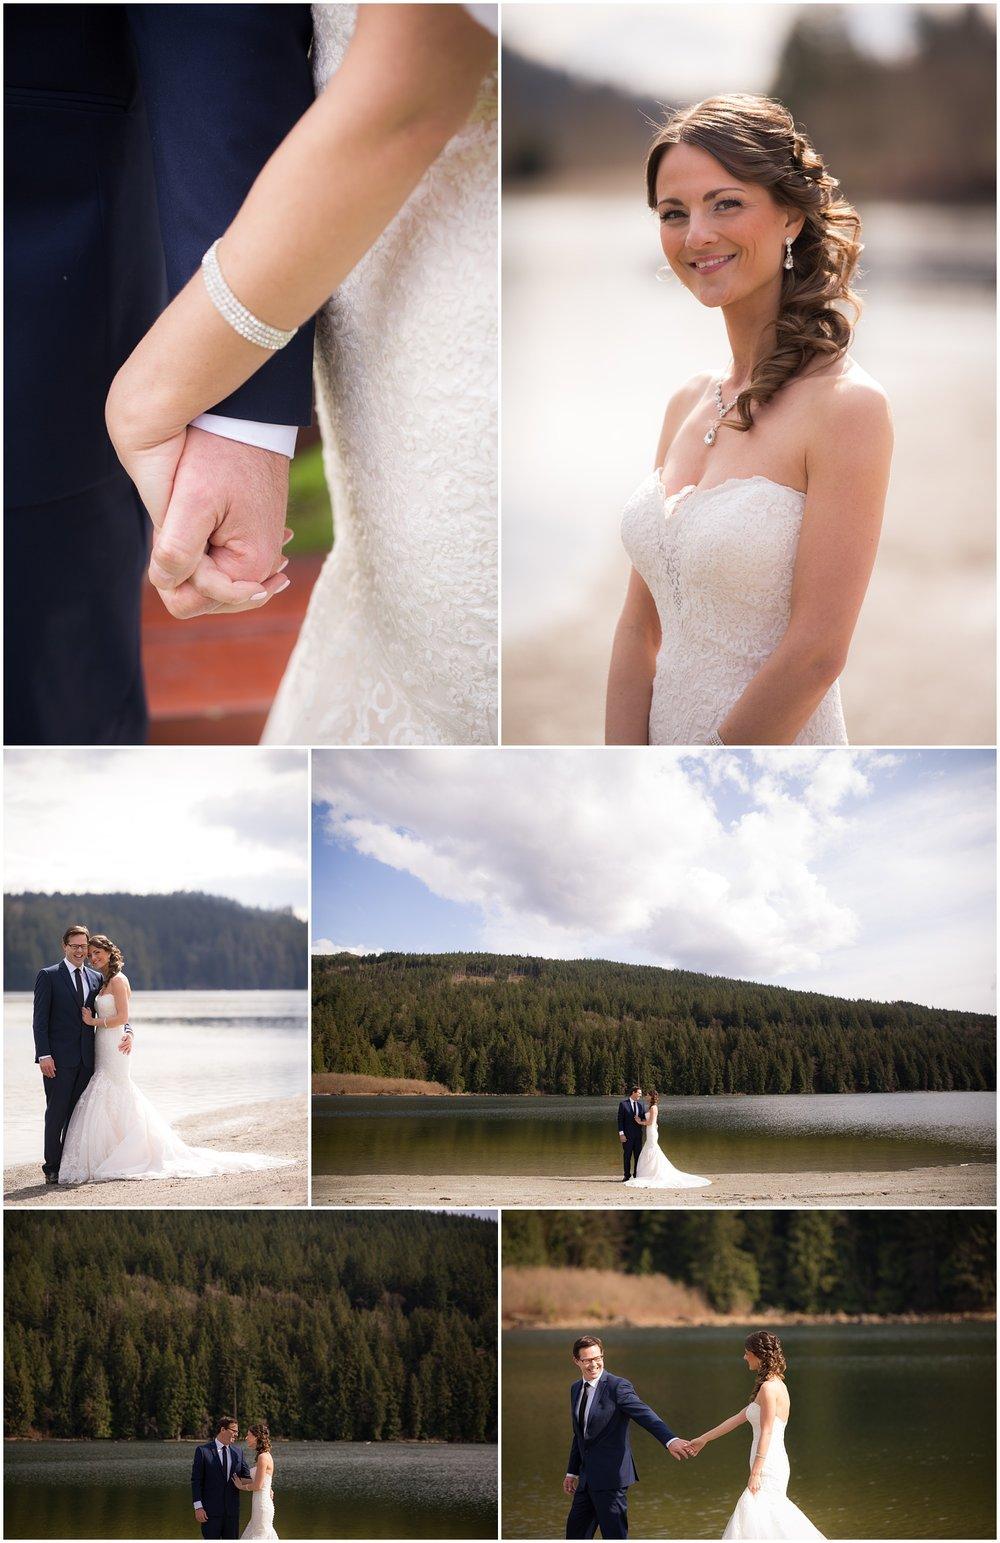 Amazing Day Photography - Mission Wedding Photographer - Hayward Lake Bridal Session - Langley Wedding Photographer (8).jpg